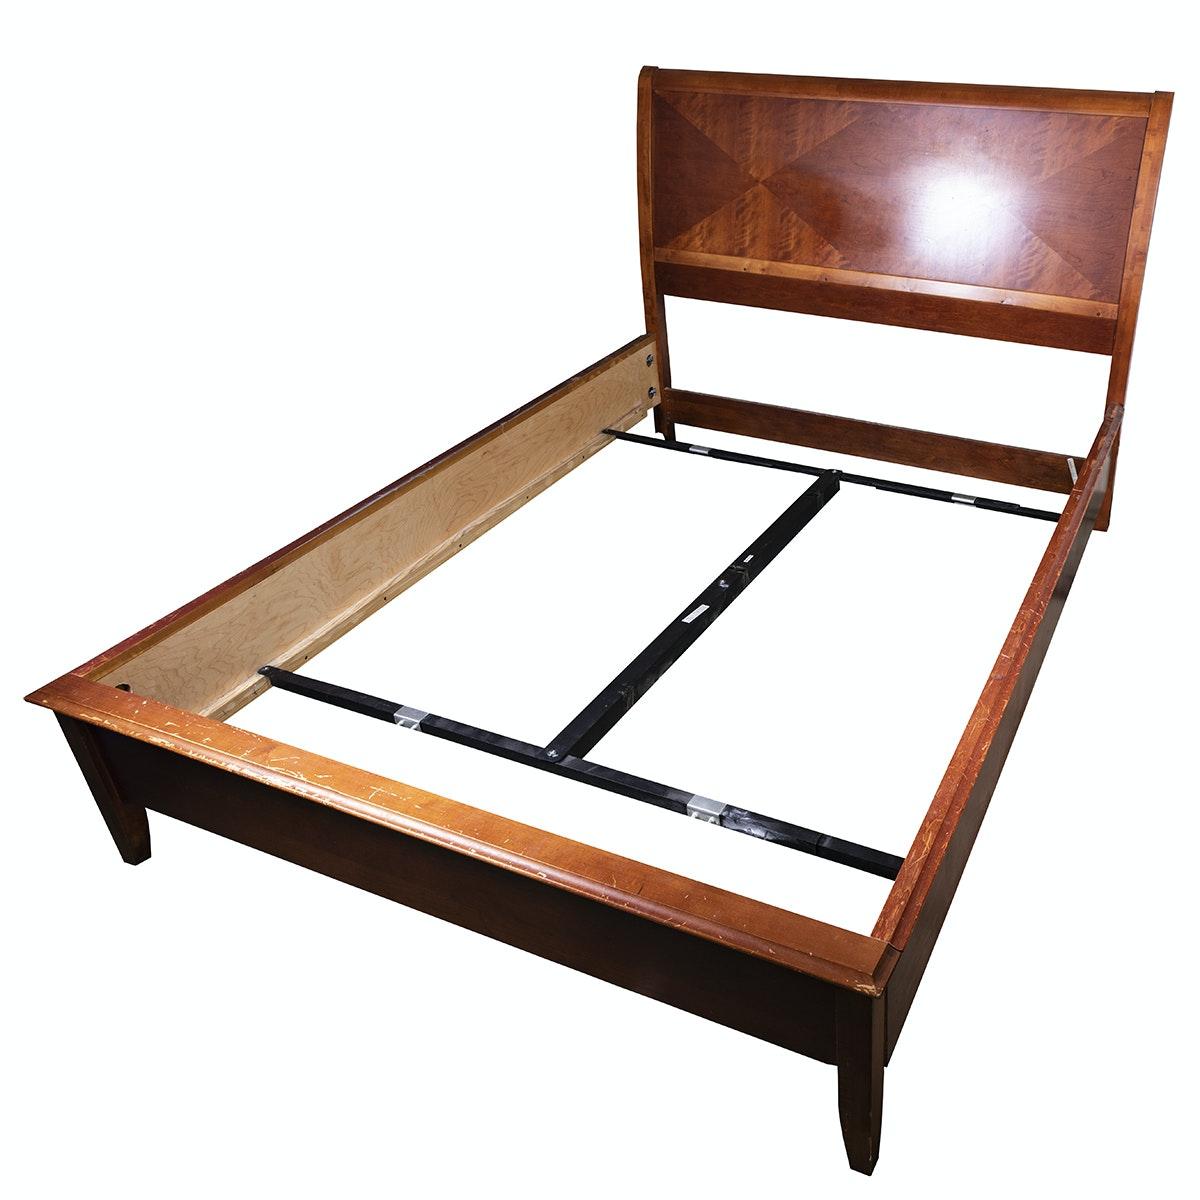 Wooden Full Size Bed Frame by Bassett